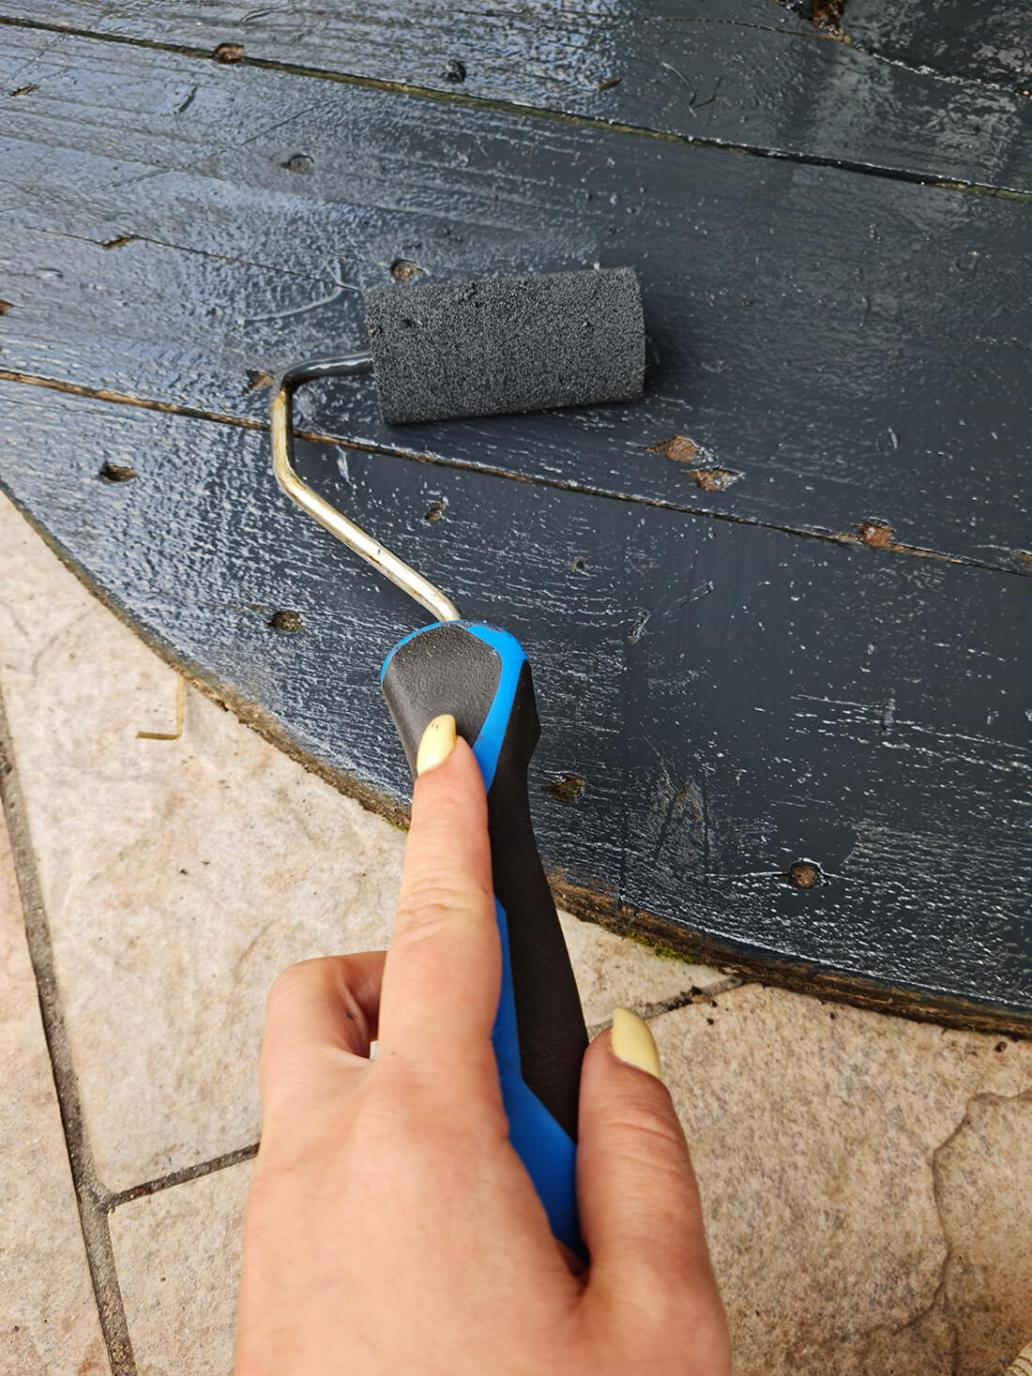 20210826 184046 - DIY : transformation d'un touret avec de la peinture